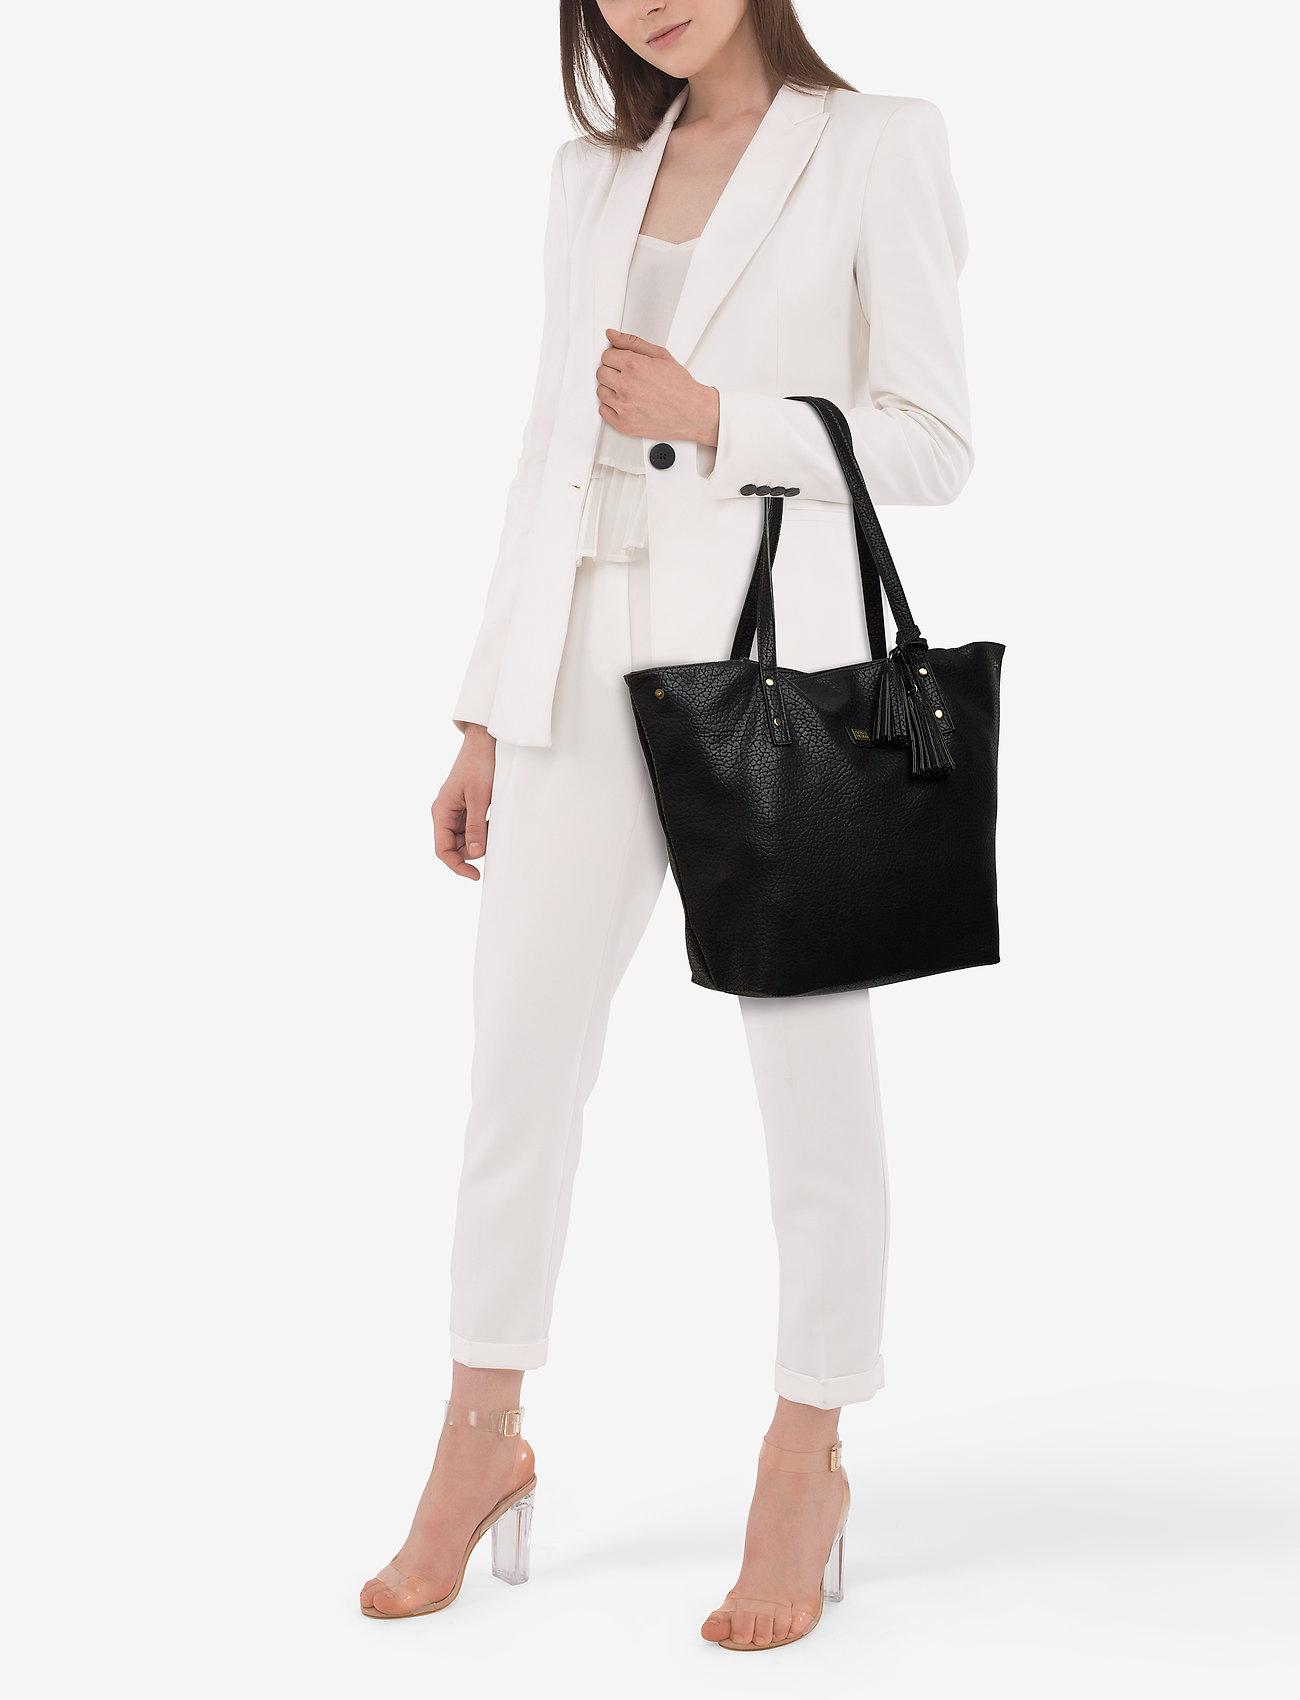 PIPOL'S BAZAAR Stile PIPOL All Bag Black - BLACK